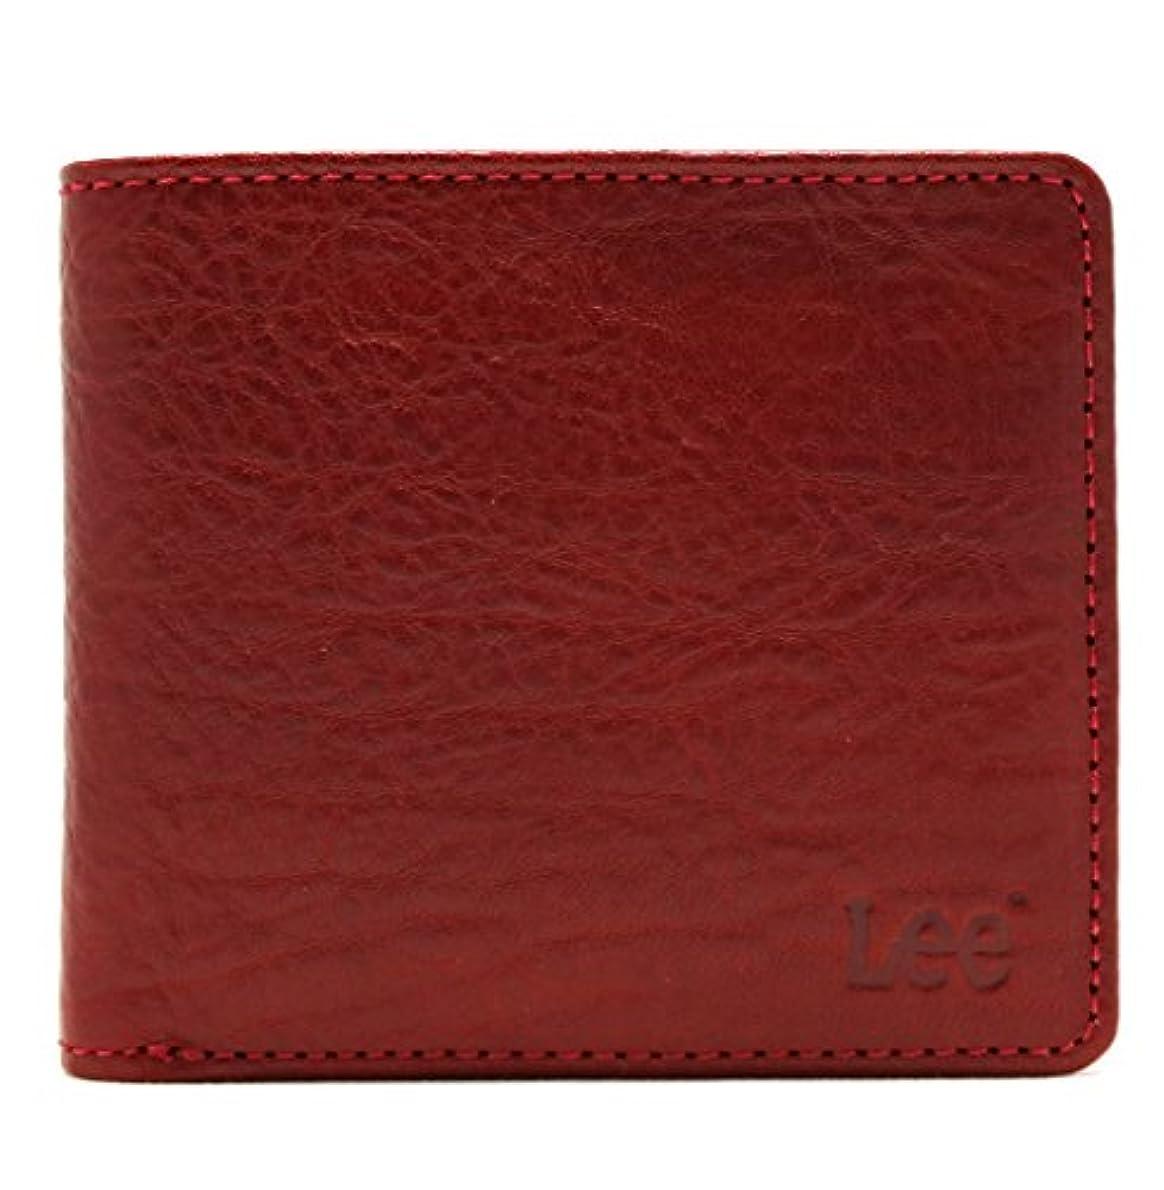 胃ストレスジョブ(リー) Lee ブランド メンズ 財布 二つ折り イタリアンレザー レッド 新色 落ち着いた感じのデザイン プレゼントに最適? (The Little)